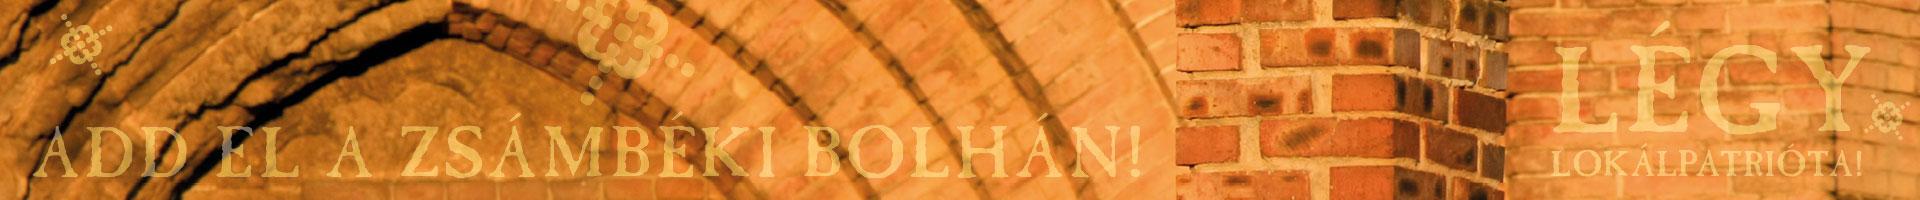 BOLHA3